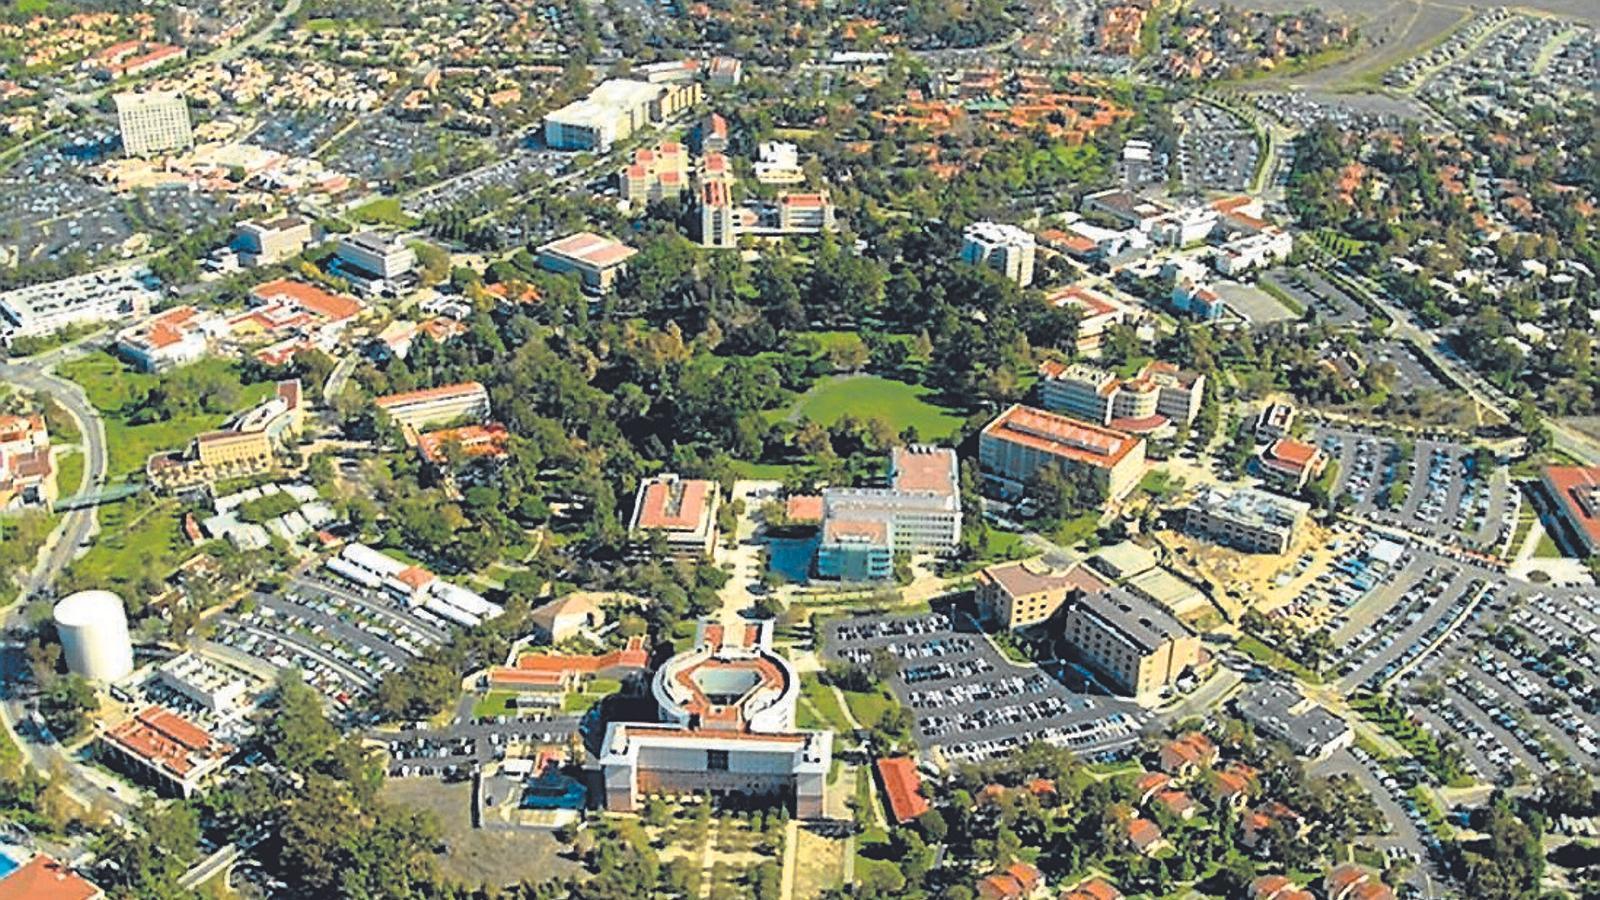 Campus de la Universitat de Califòrnia